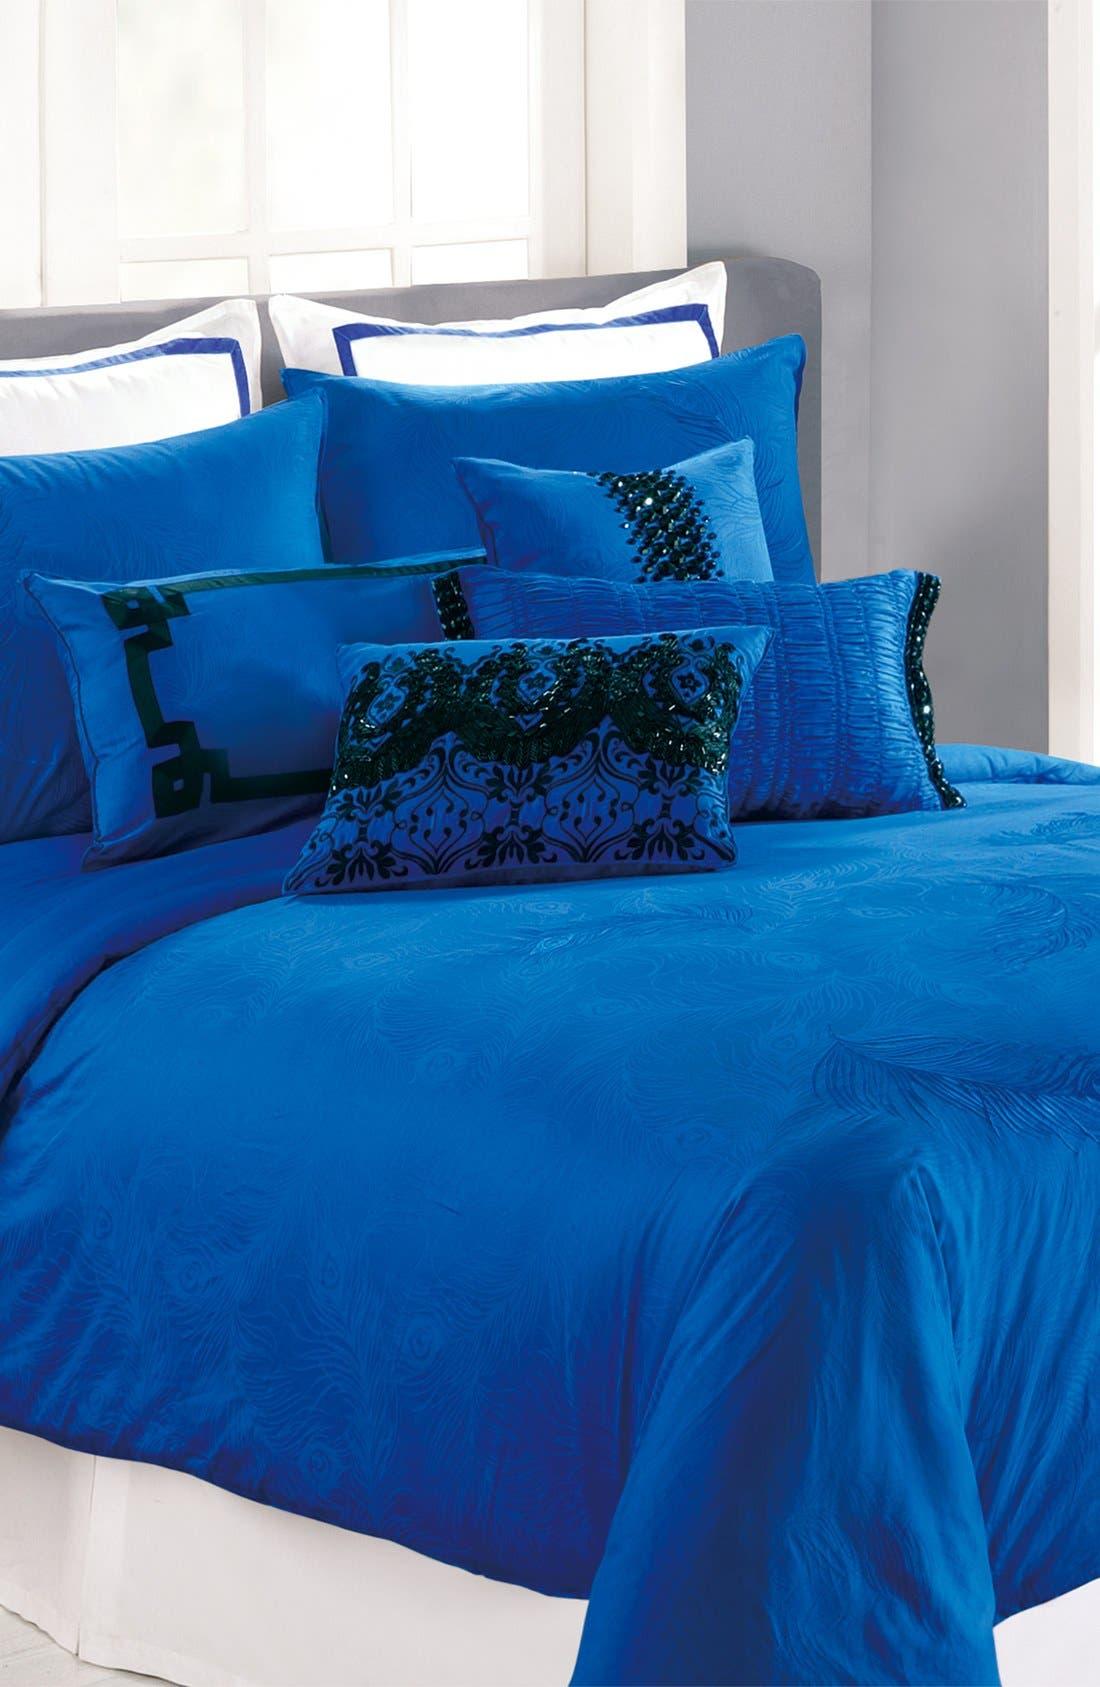 Main Image - Nanette Lepore Villa 'Peacock' Cobalt Duvet Cover & Shams